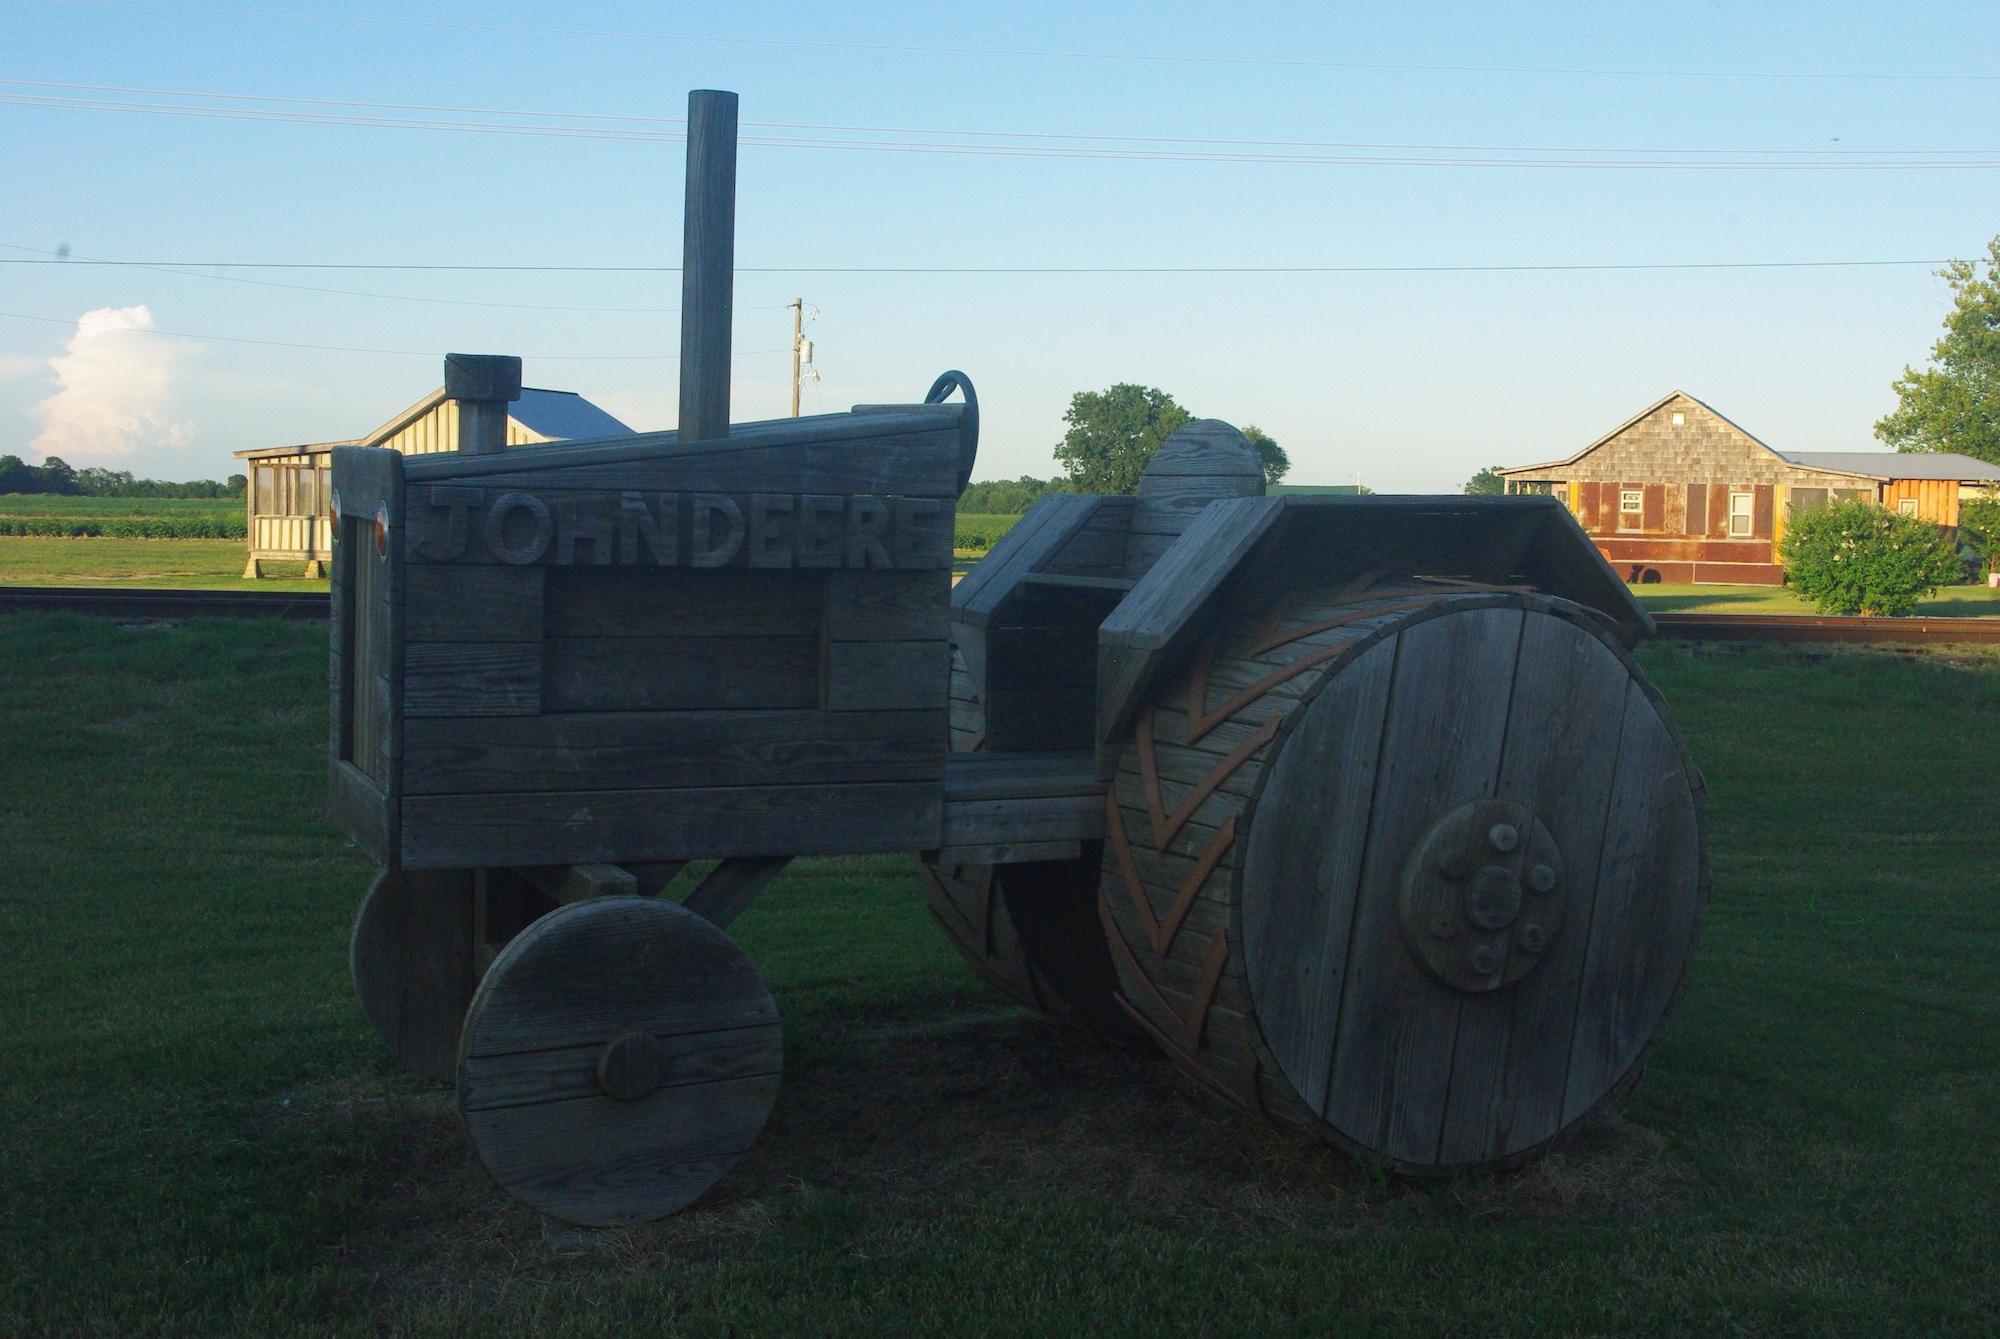 Très sympa le tracteur en bois